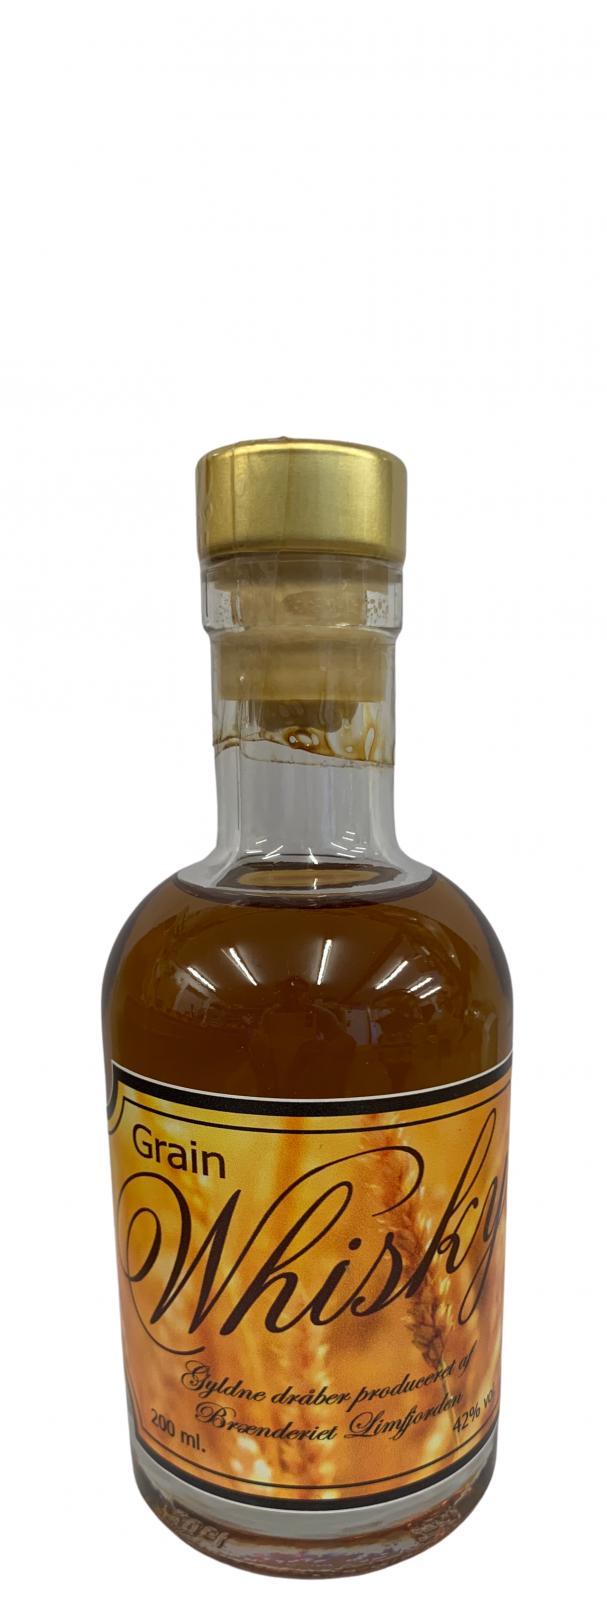 Brænderiet Limfjorden Grain Whisky